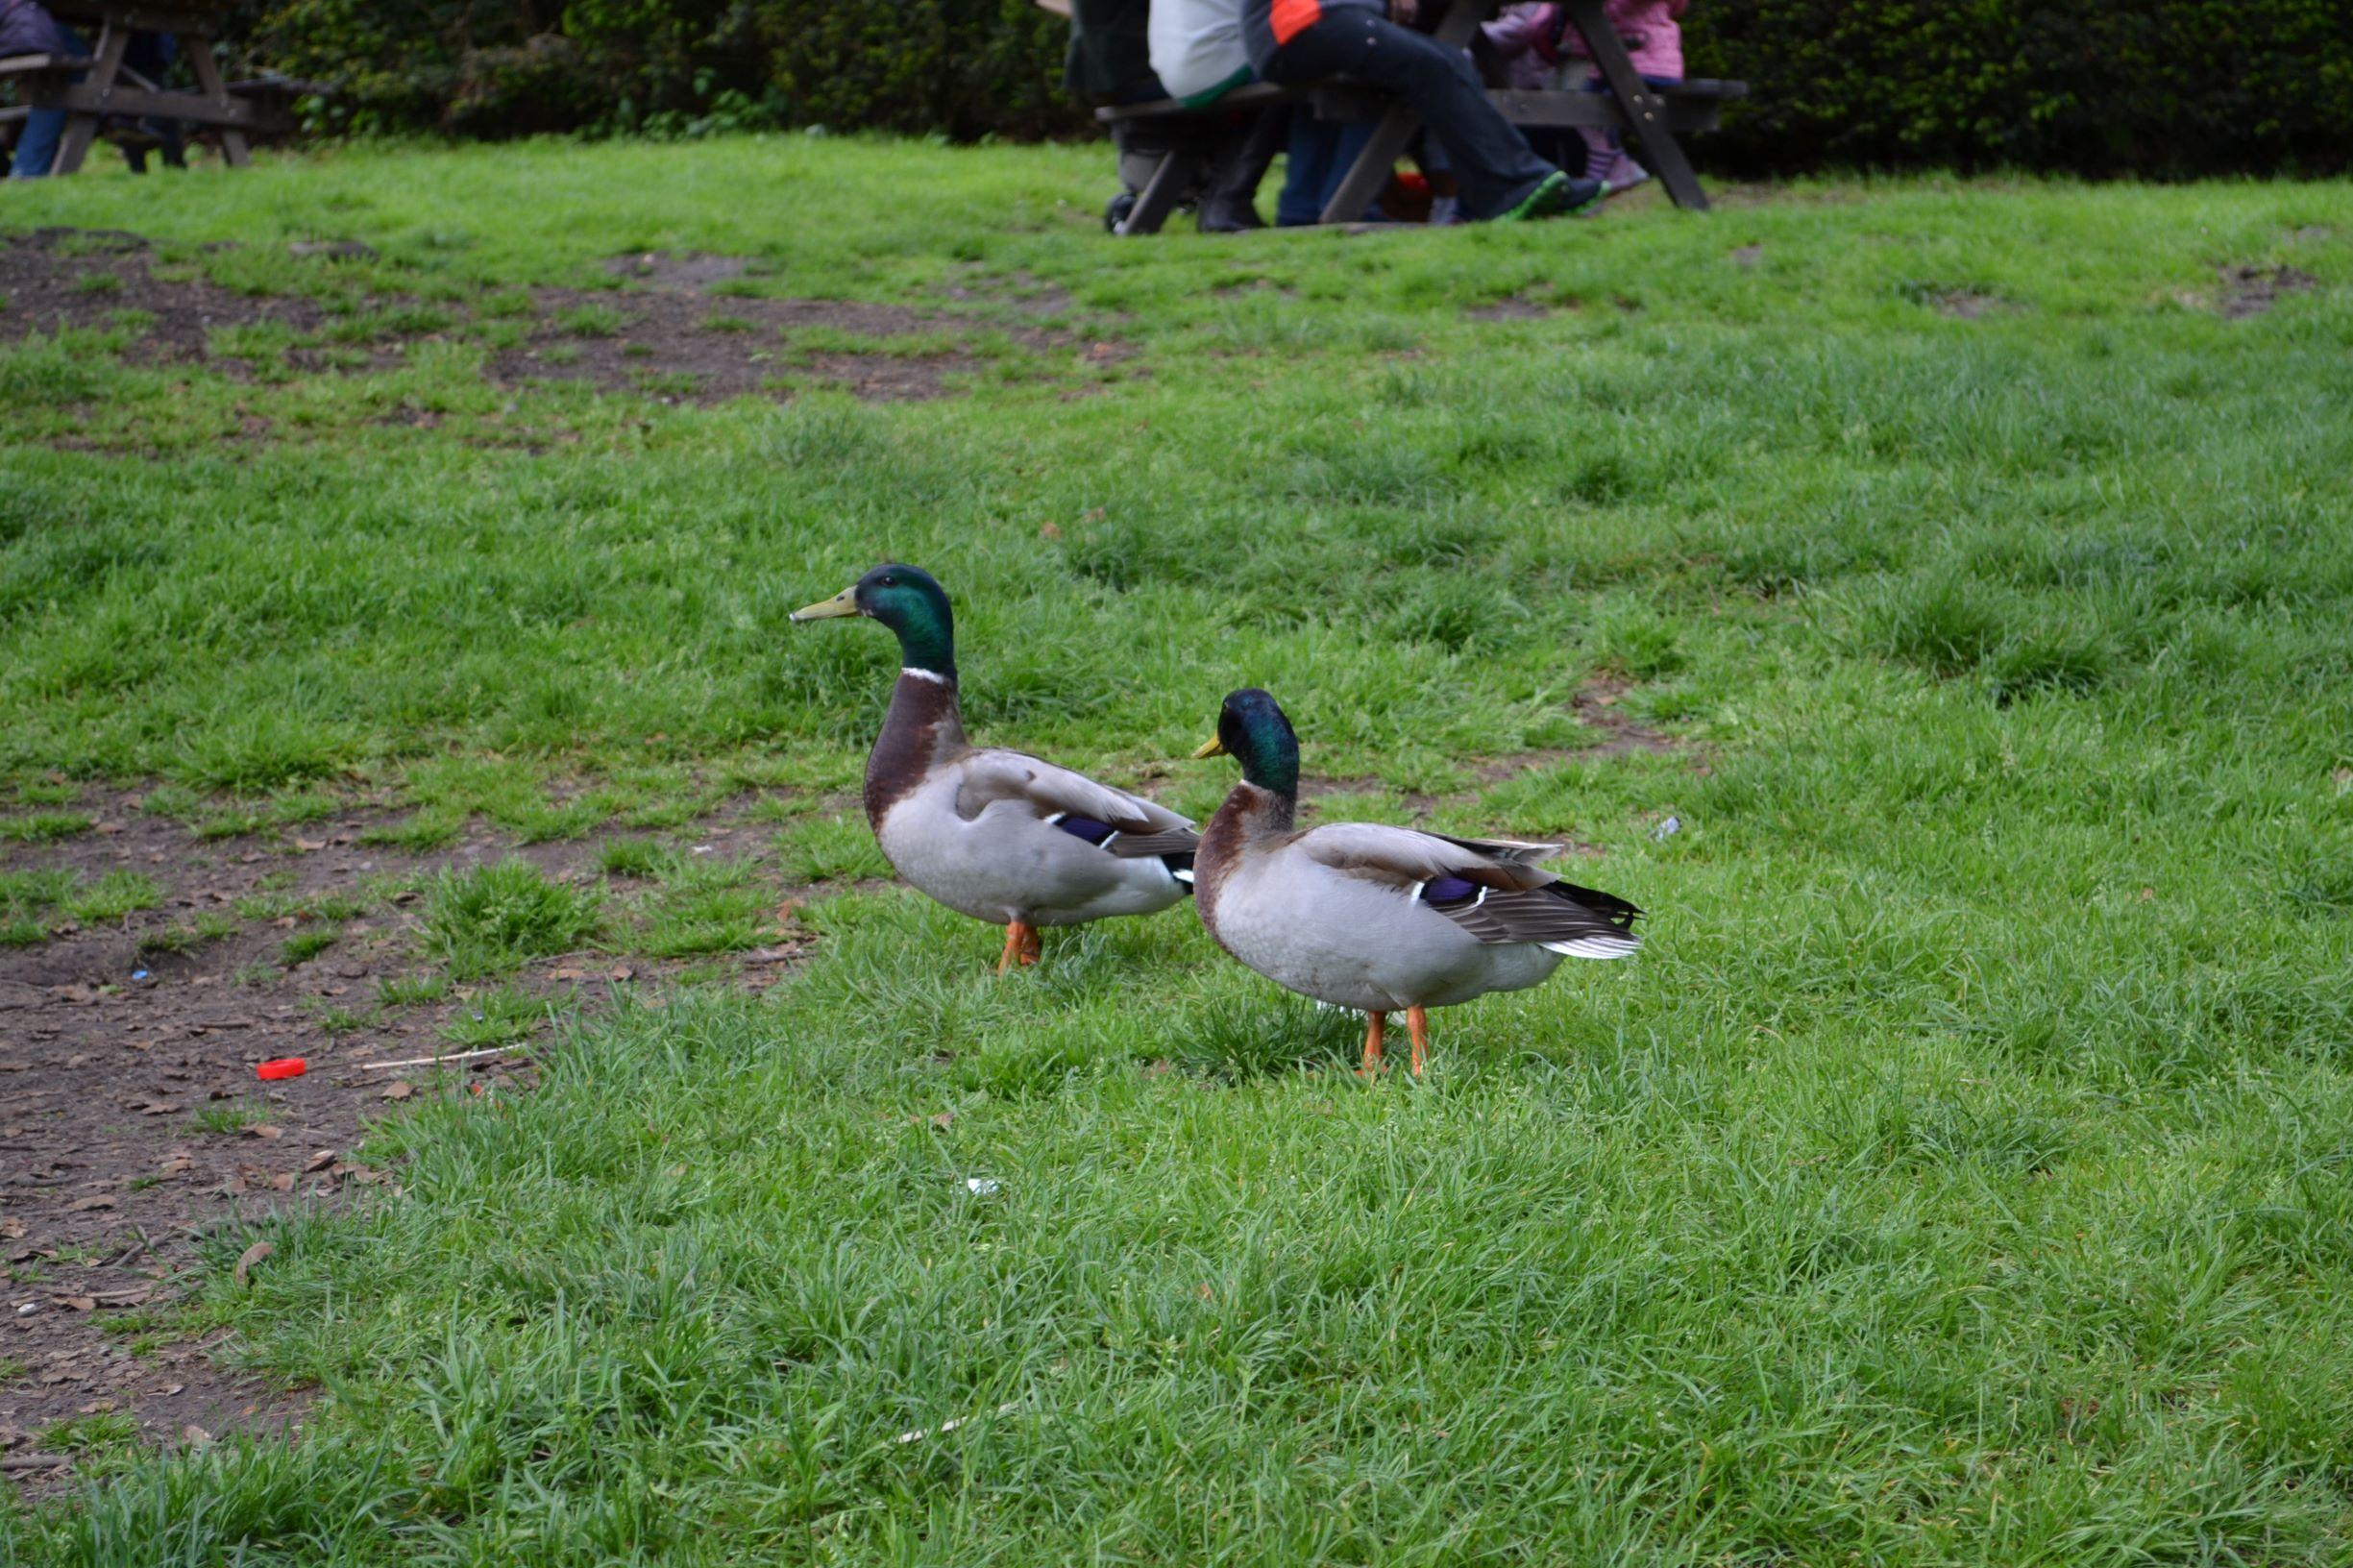 nemcsak a pávák, hanem a kacsák is borzasztó szemtelenek. Nem lehet tőlük nyugodtan piknikezni.